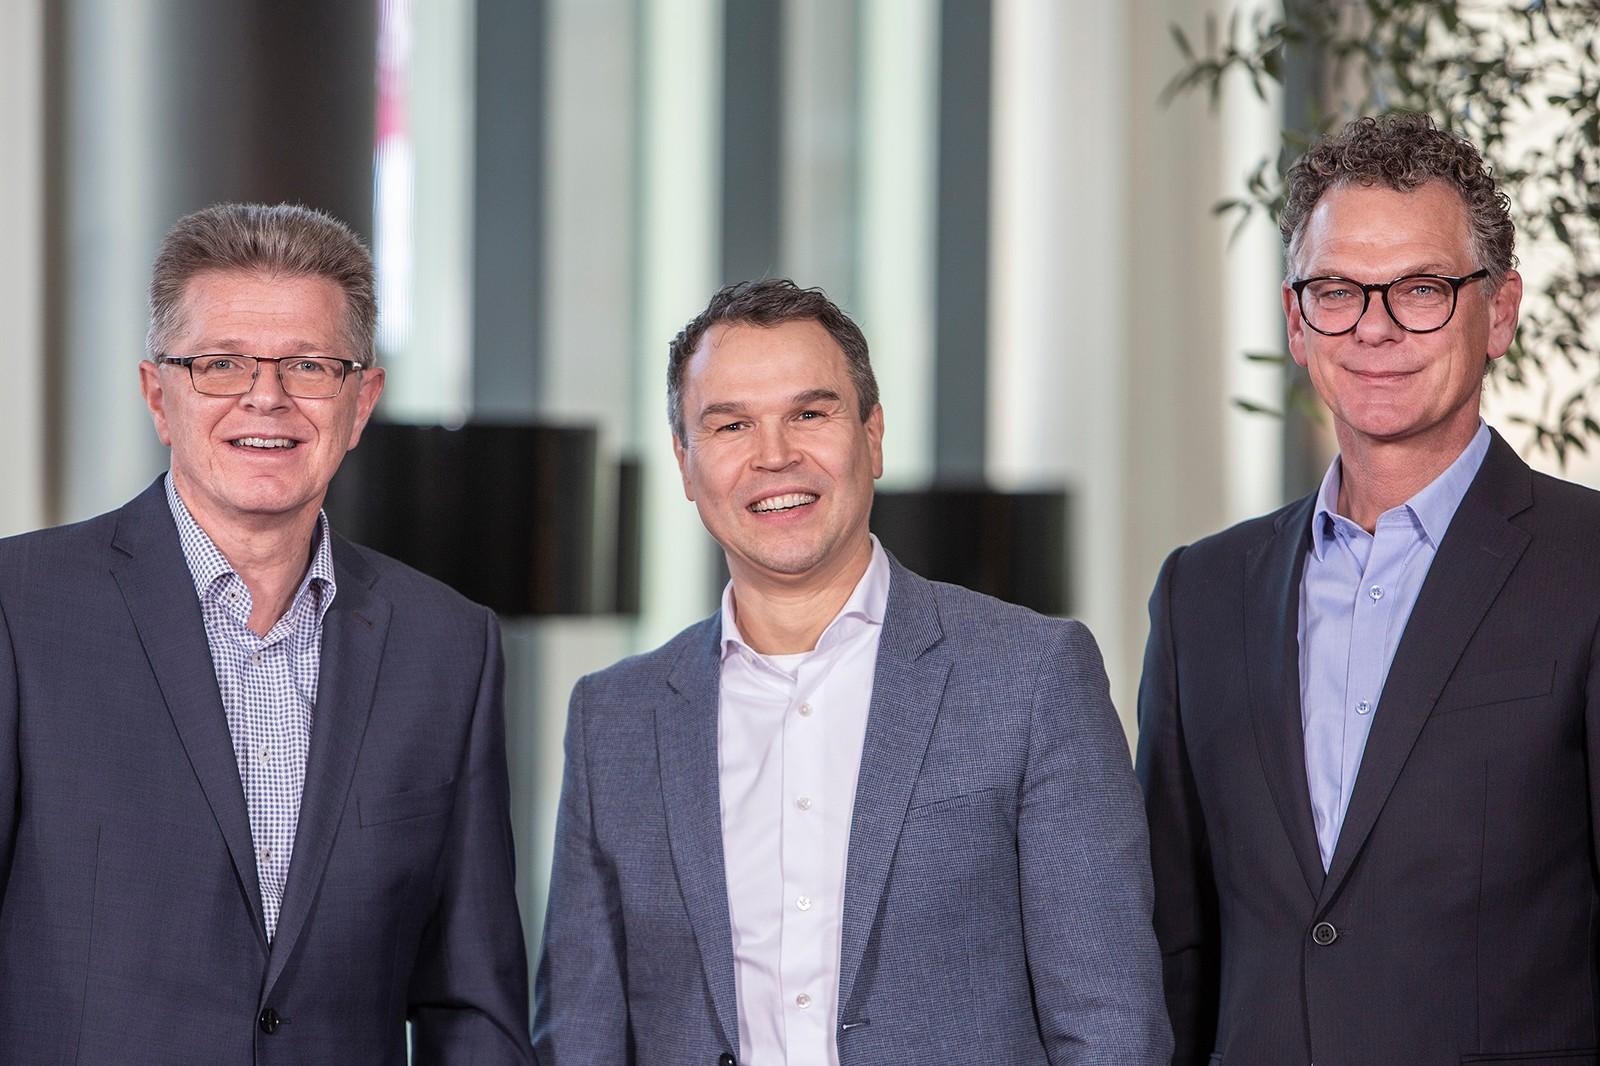 Das neue Gespann der Festo Vertriebsgesellschaft (v.l.): Geschäftsführer Jörg Kipper, Personalvorstand Frank Notz und Sales Manager Axel Schümann.